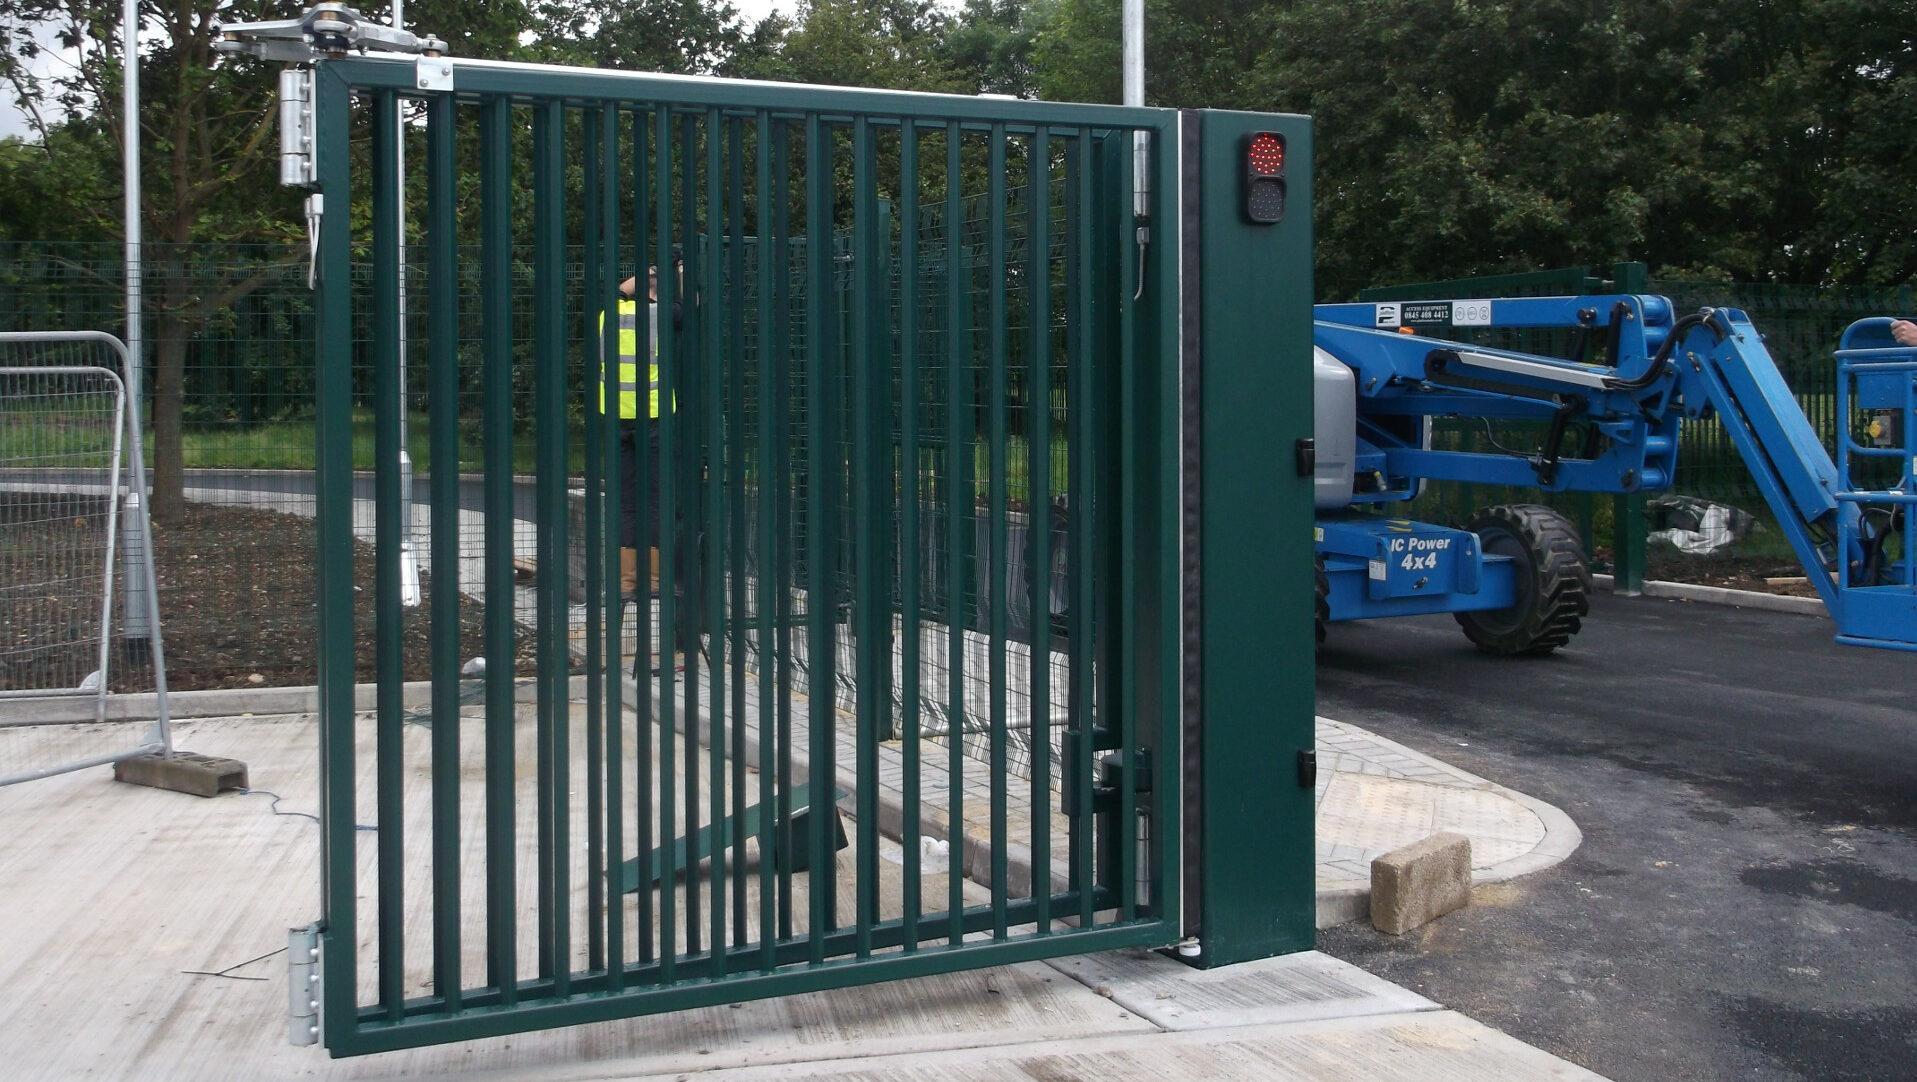 Automatic bifolding gates